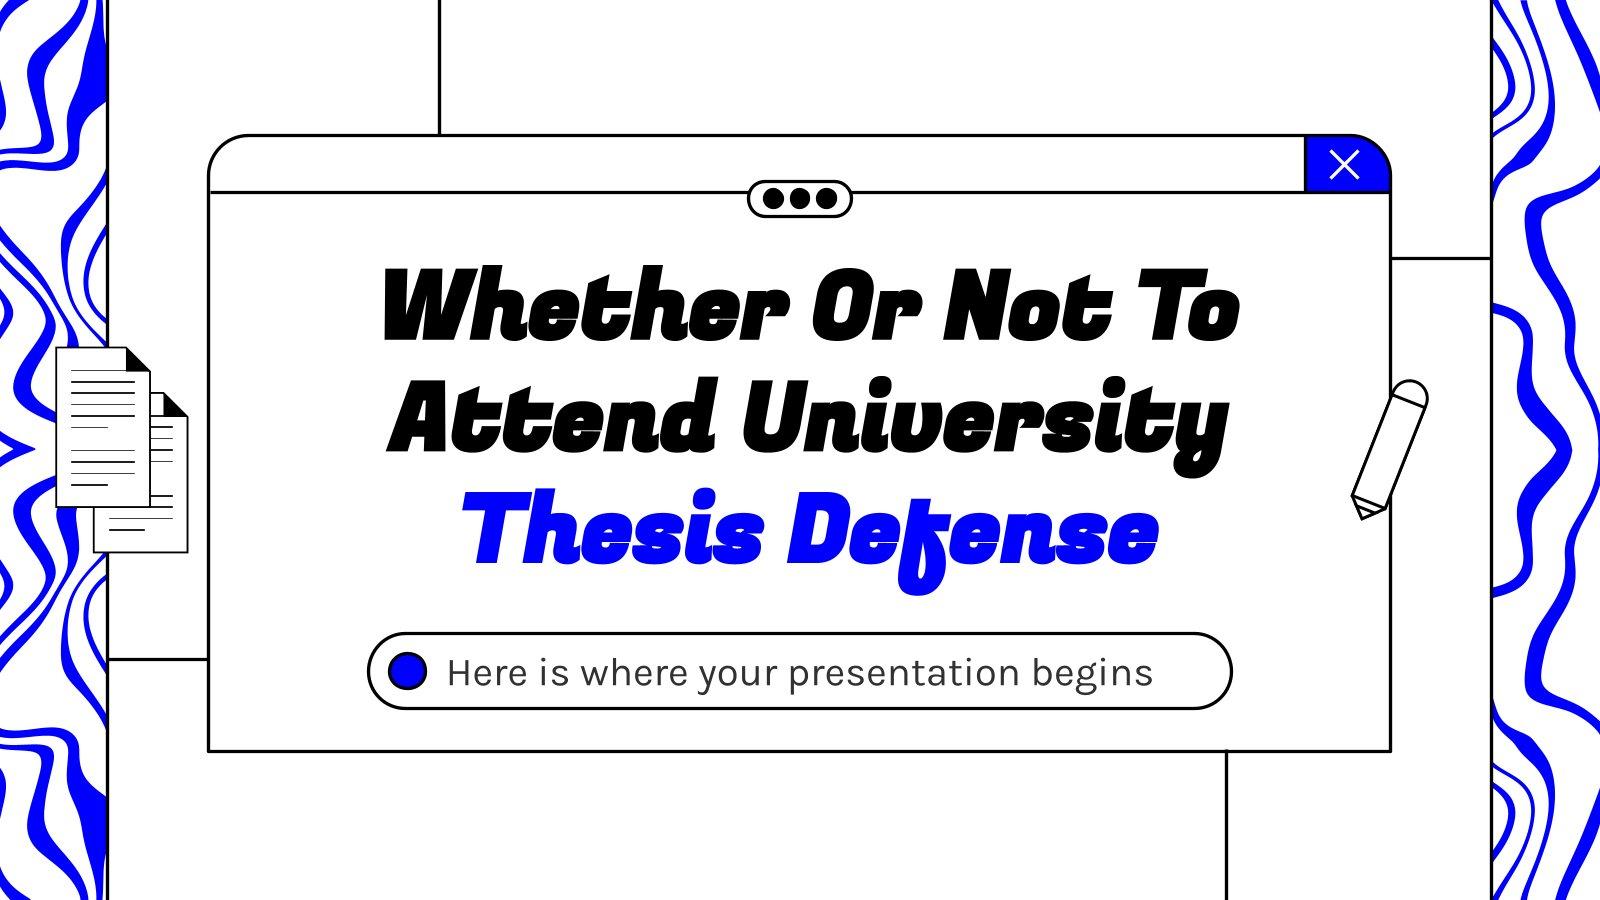 Décider d'aller ou non à l'université : Modèles de présentation